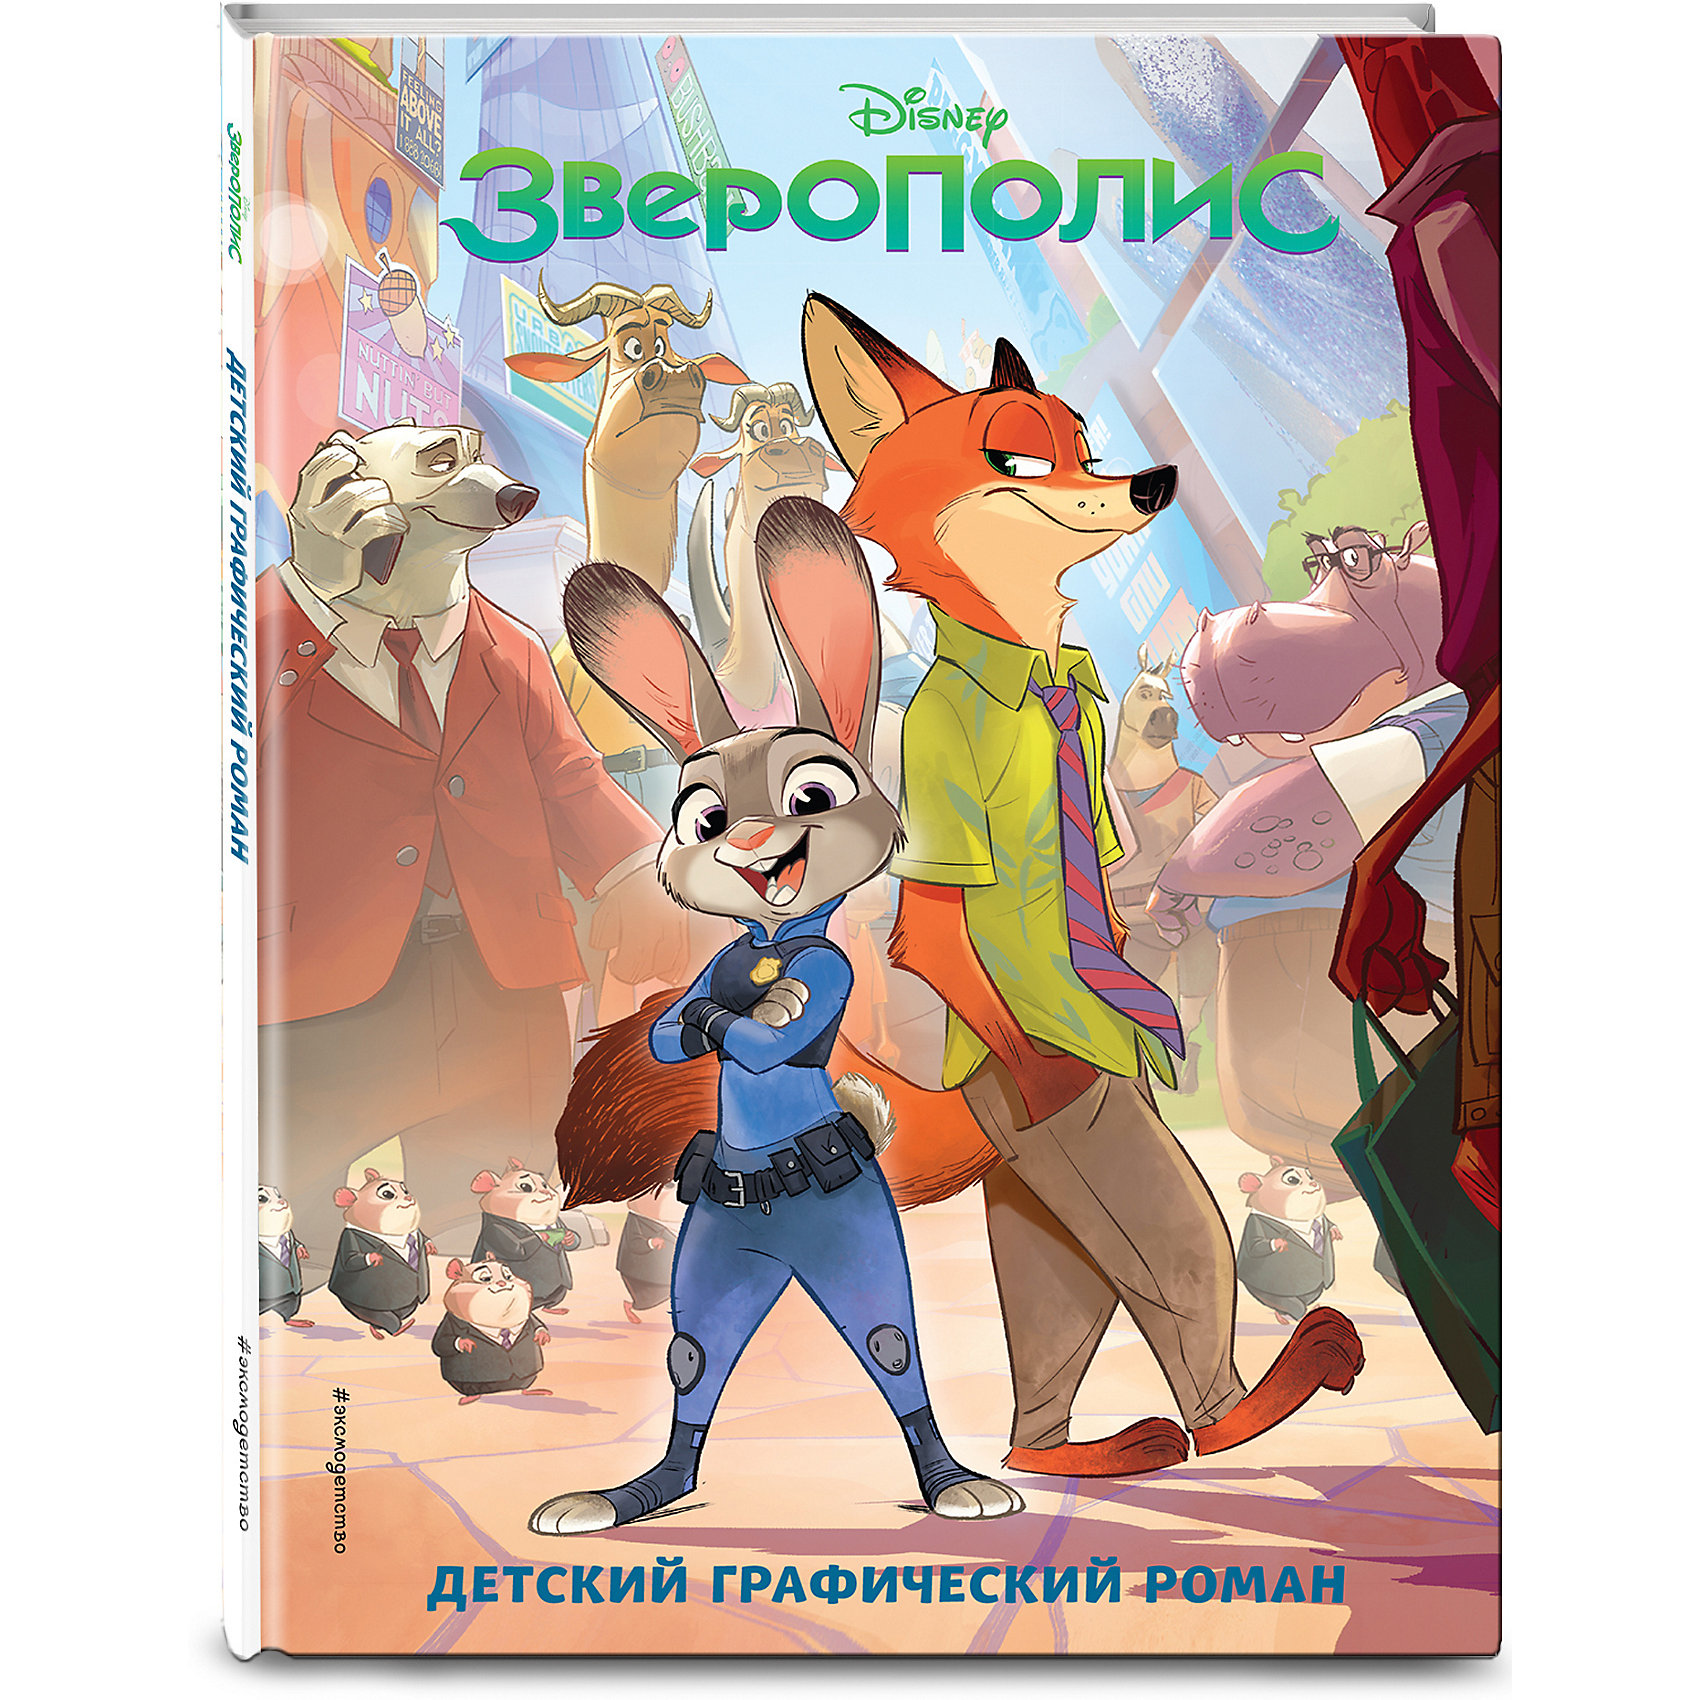 Зверополис: Детский графический романЭксмо<br>Характеристики товара: <br><br>• ISBN: 9785699899449<br>• возраст от: 5 лет<br>• формат: 60x84/8<br>• бумага: мелованная<br>• обложка: твердая<br>• серия: Disney. Зверополис<br>• иллюстрации: цветные<br>• издательство: Эксмо<br>• переводчик: Чернышова-Орлова Е. О.<br>• количество страниц: 56<br>• размеры: 28x21x1 см<br><br>Герои мультфильма «Зверополис» полюбились современным детям. Книга об их приключениях - пересказ мультфильма - поможет снова встретиться с любимыми героями. <br><br>Доступный язык, забавные ситуации и иллюстрации - всё это рассчитано на маленьких читателей.<br><br>Книгу «Зверополис: Детский графический роман» можно купить в нашем интернет-магазине.<br><br>Ширина мм: 280<br>Глубина мм: 210<br>Высота мм: 70<br>Вес г: 449<br>Возраст от месяцев: 60<br>Возраст до месяцев: 168<br>Пол: Унисекс<br>Возраст: Детский<br>SKU: 5535108